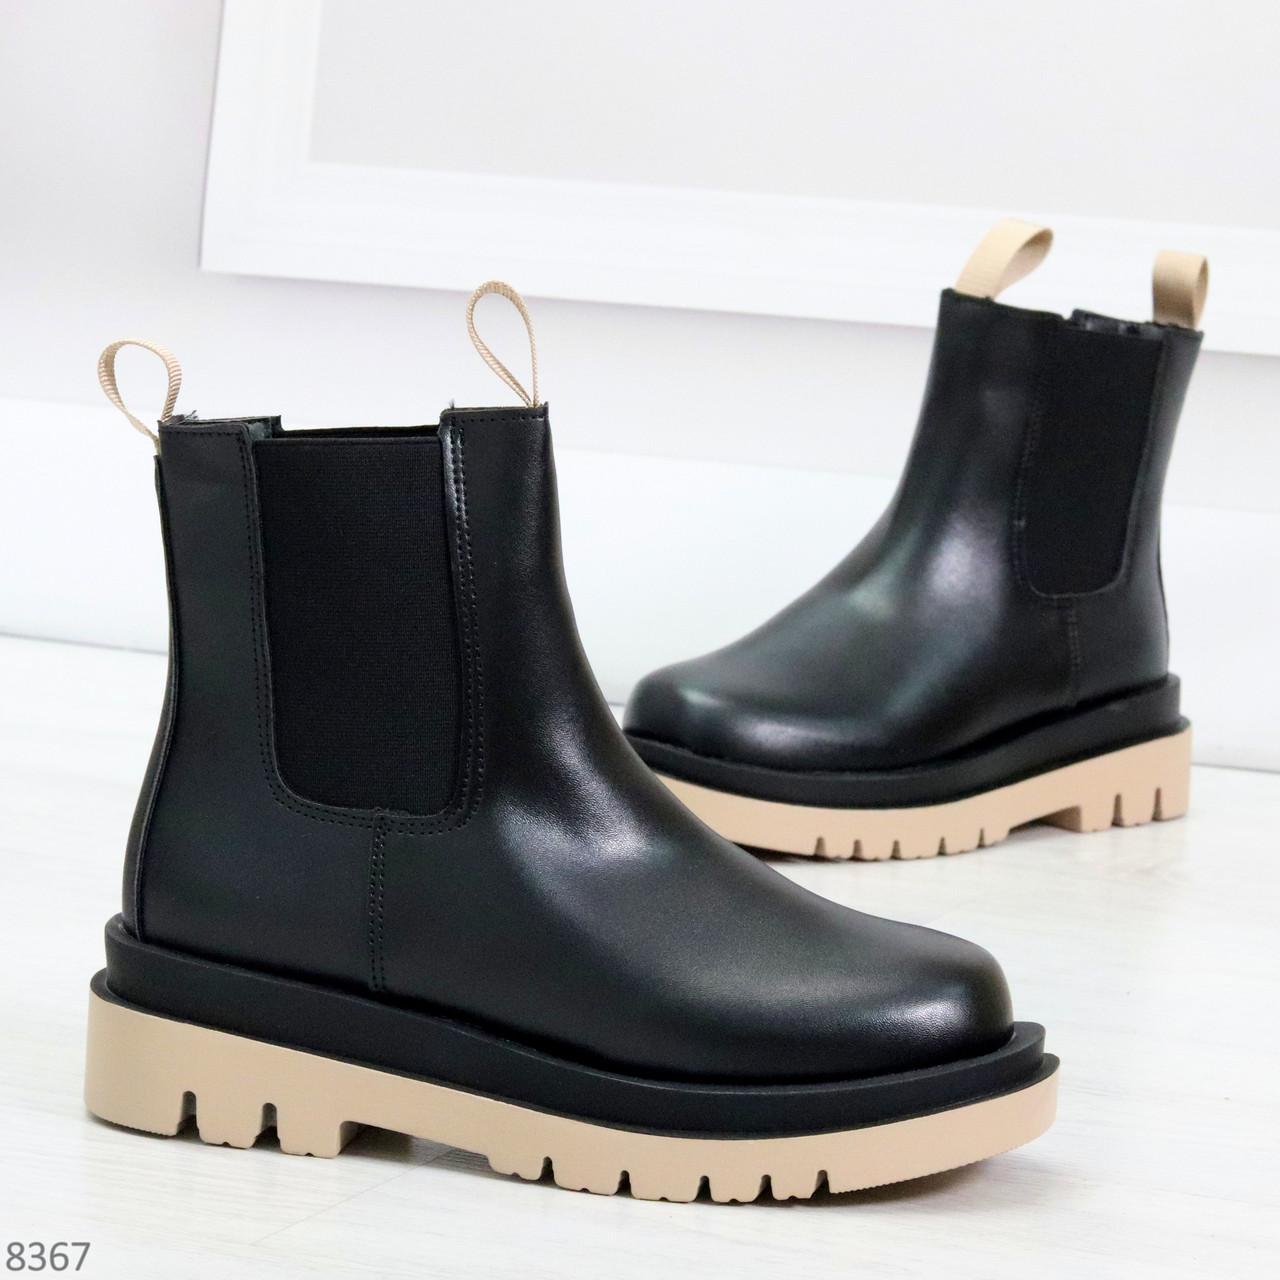 Стильные удобные демисезонные черные женские ботинки челси с бежевым декором